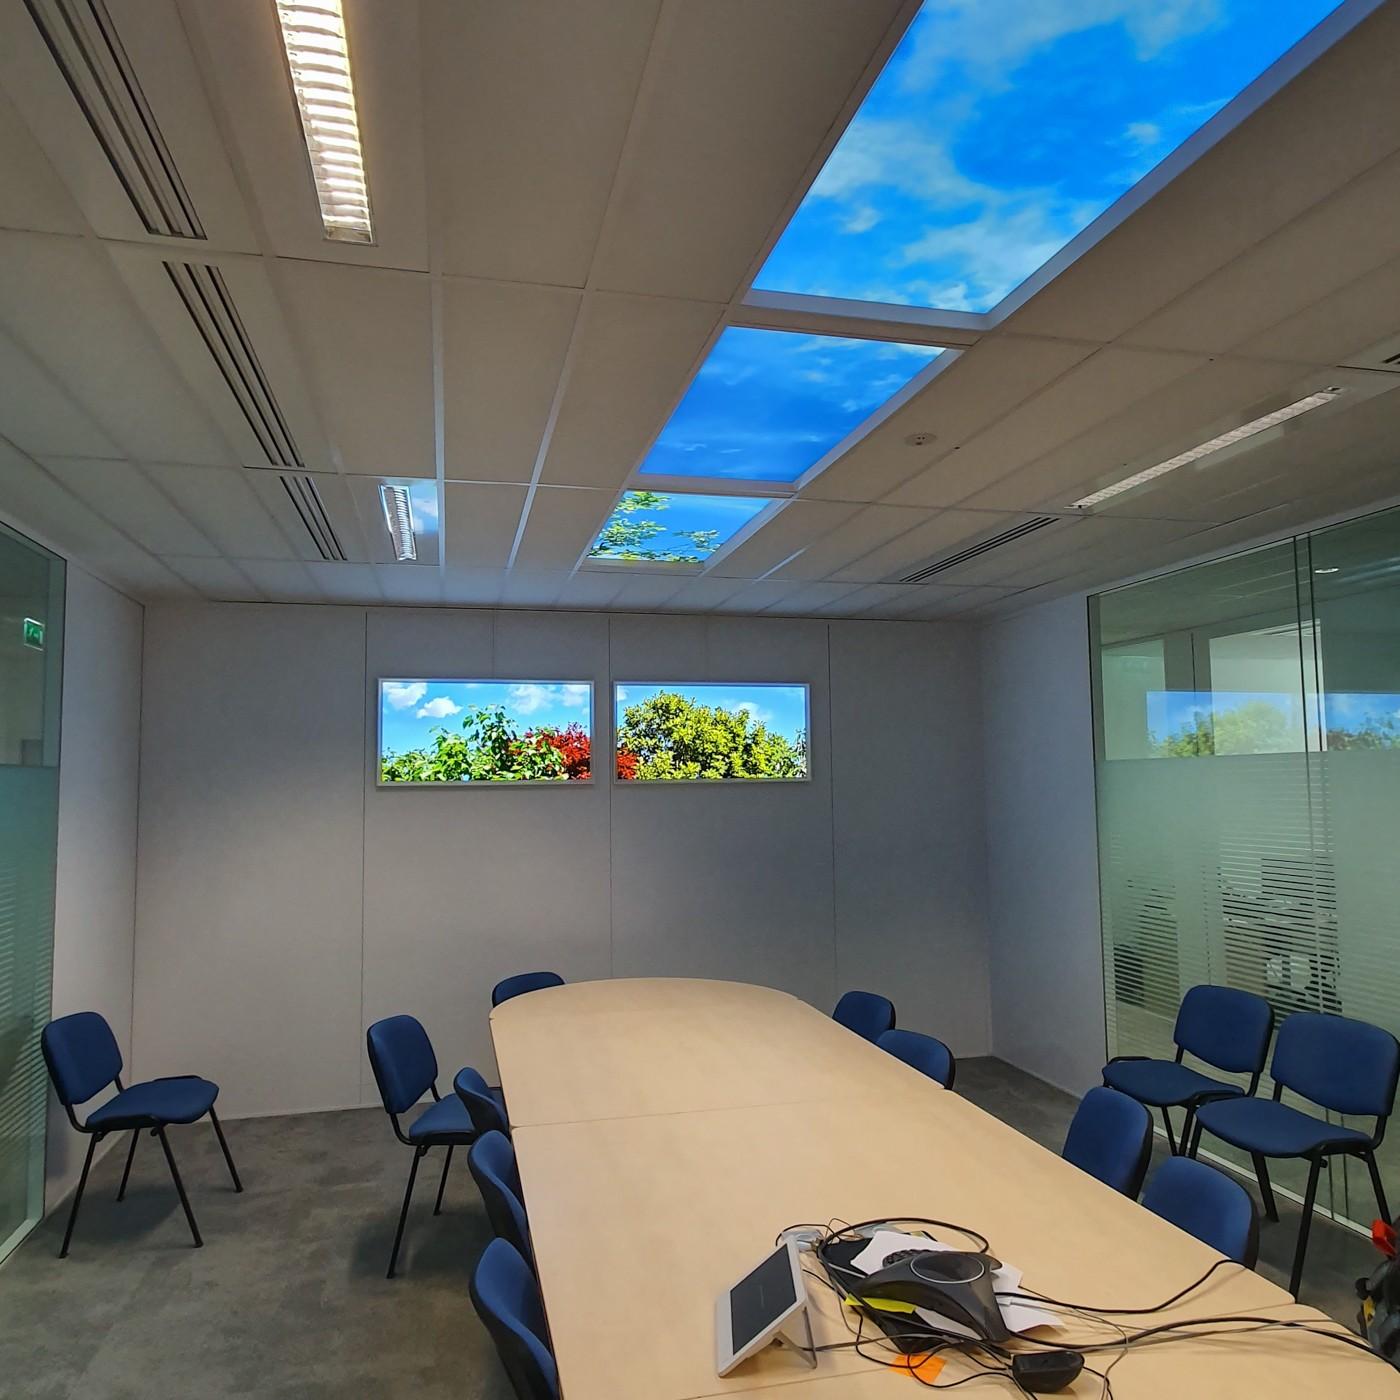 Fenêtre lumineuse pour salle de réunion